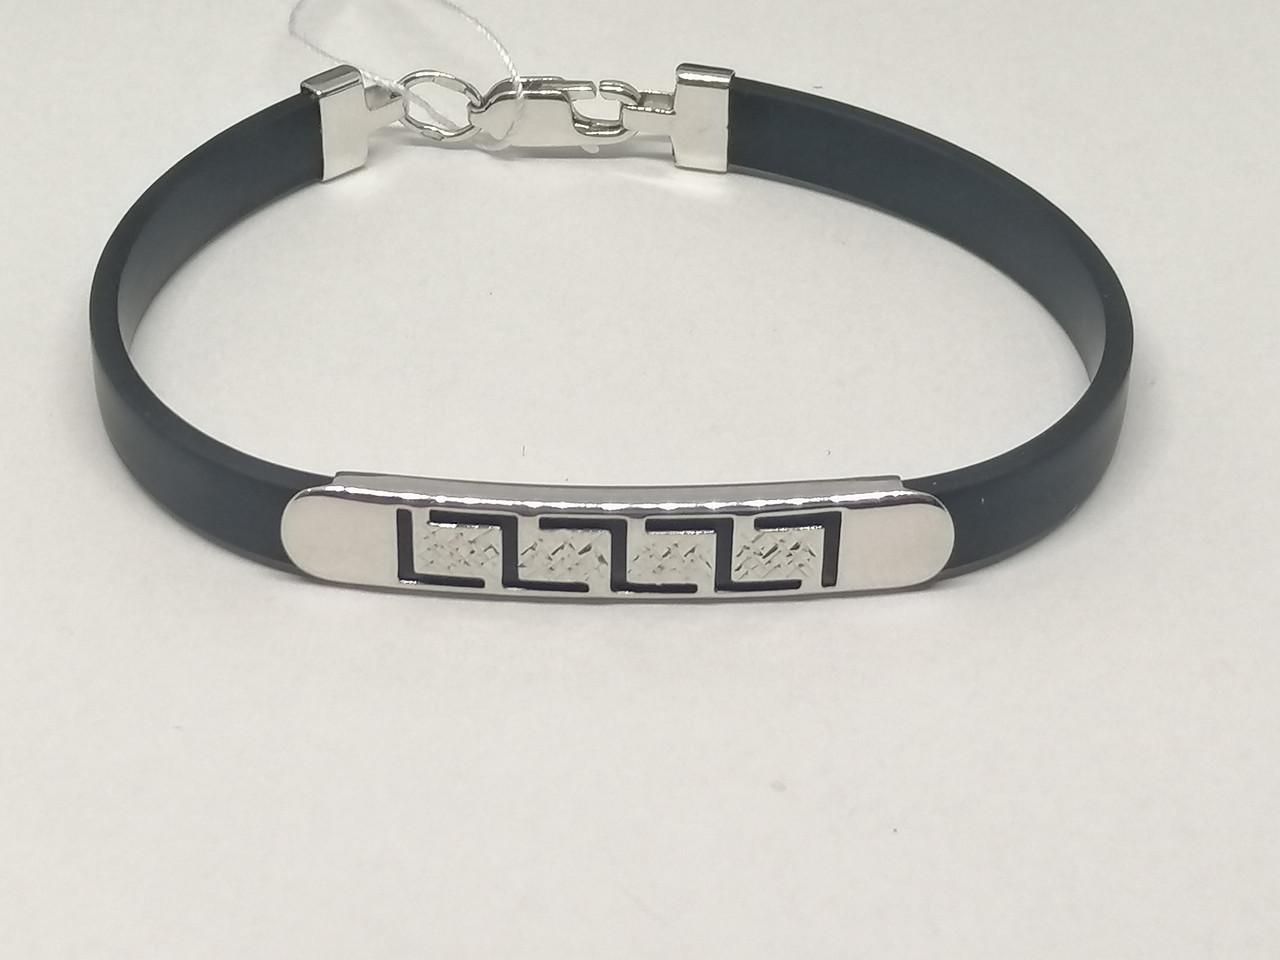 Срібний браслет з каучуком. Артикул 910033С 17